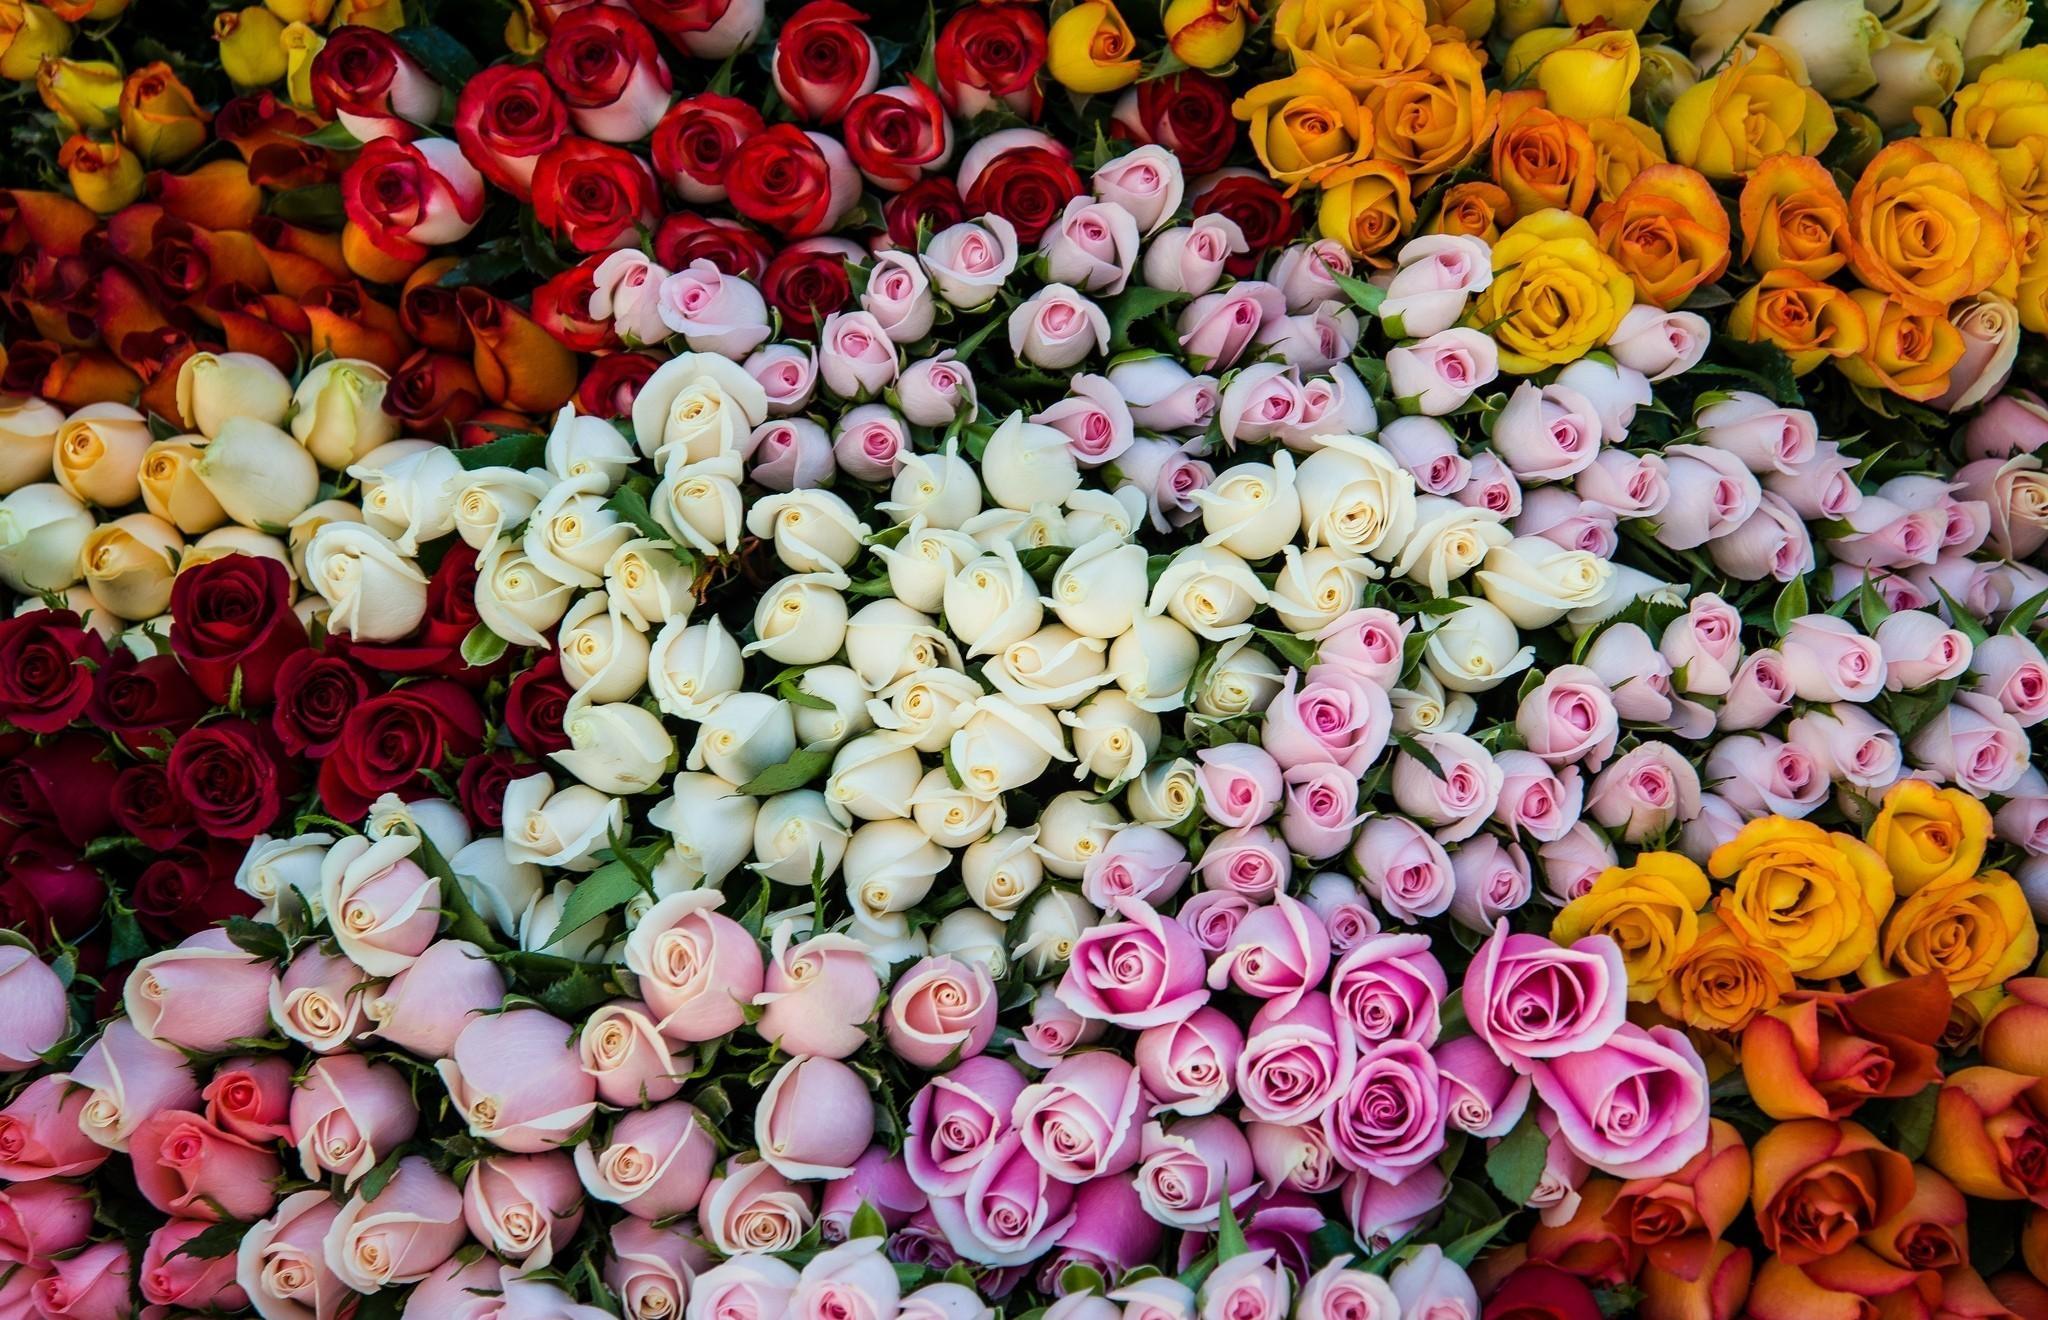 Роза: Описание 16 Сортов, Особенности и Уход (150 Фото)